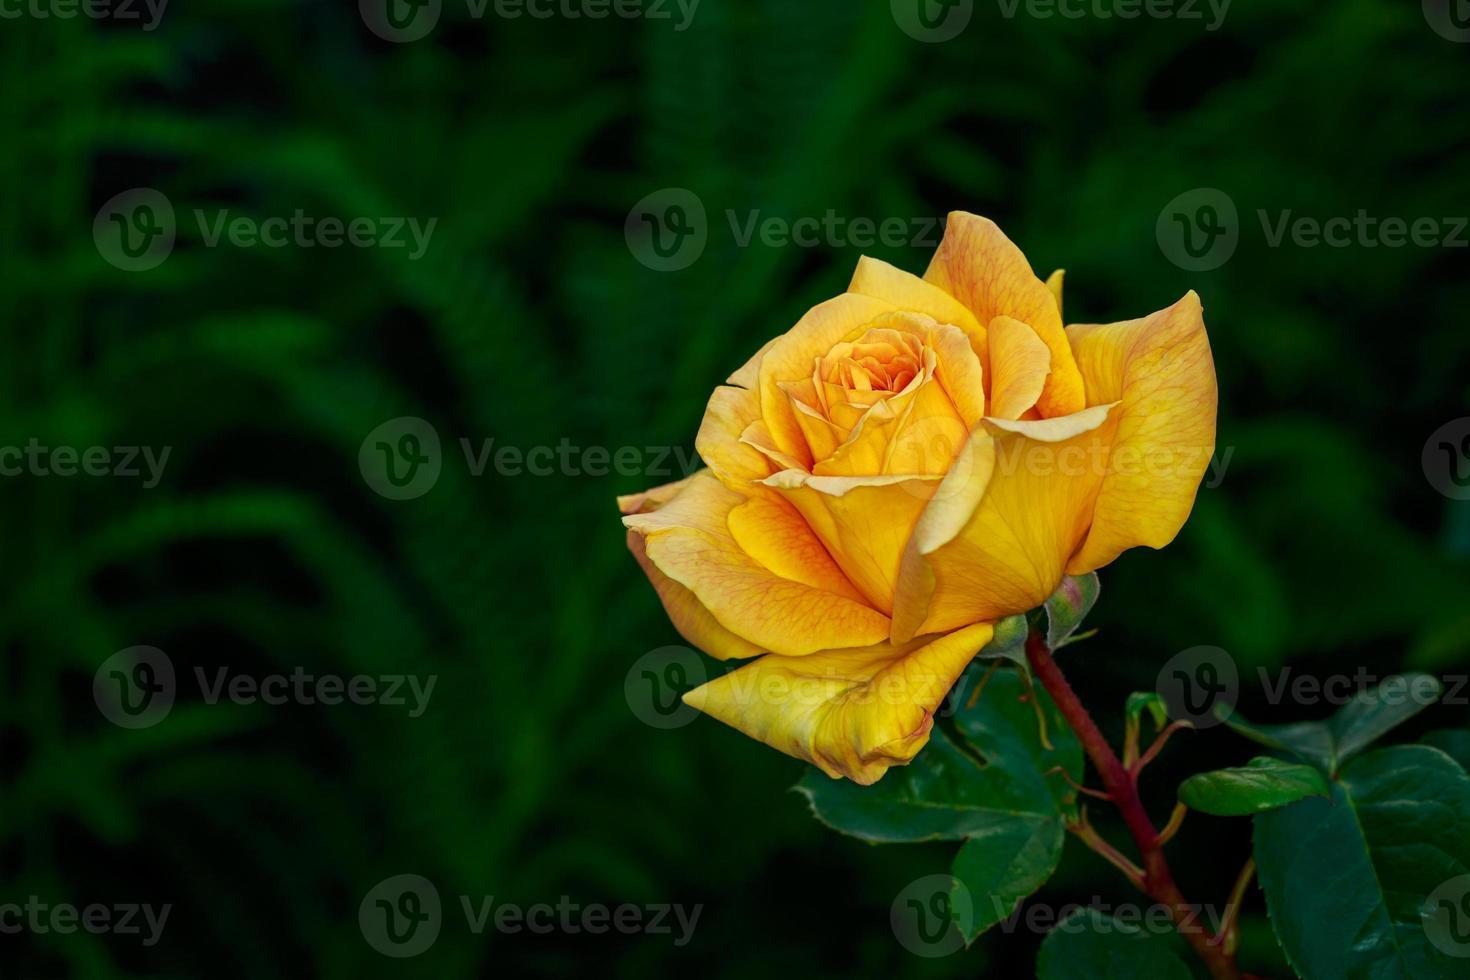 prachtige roos in volle bloei foto